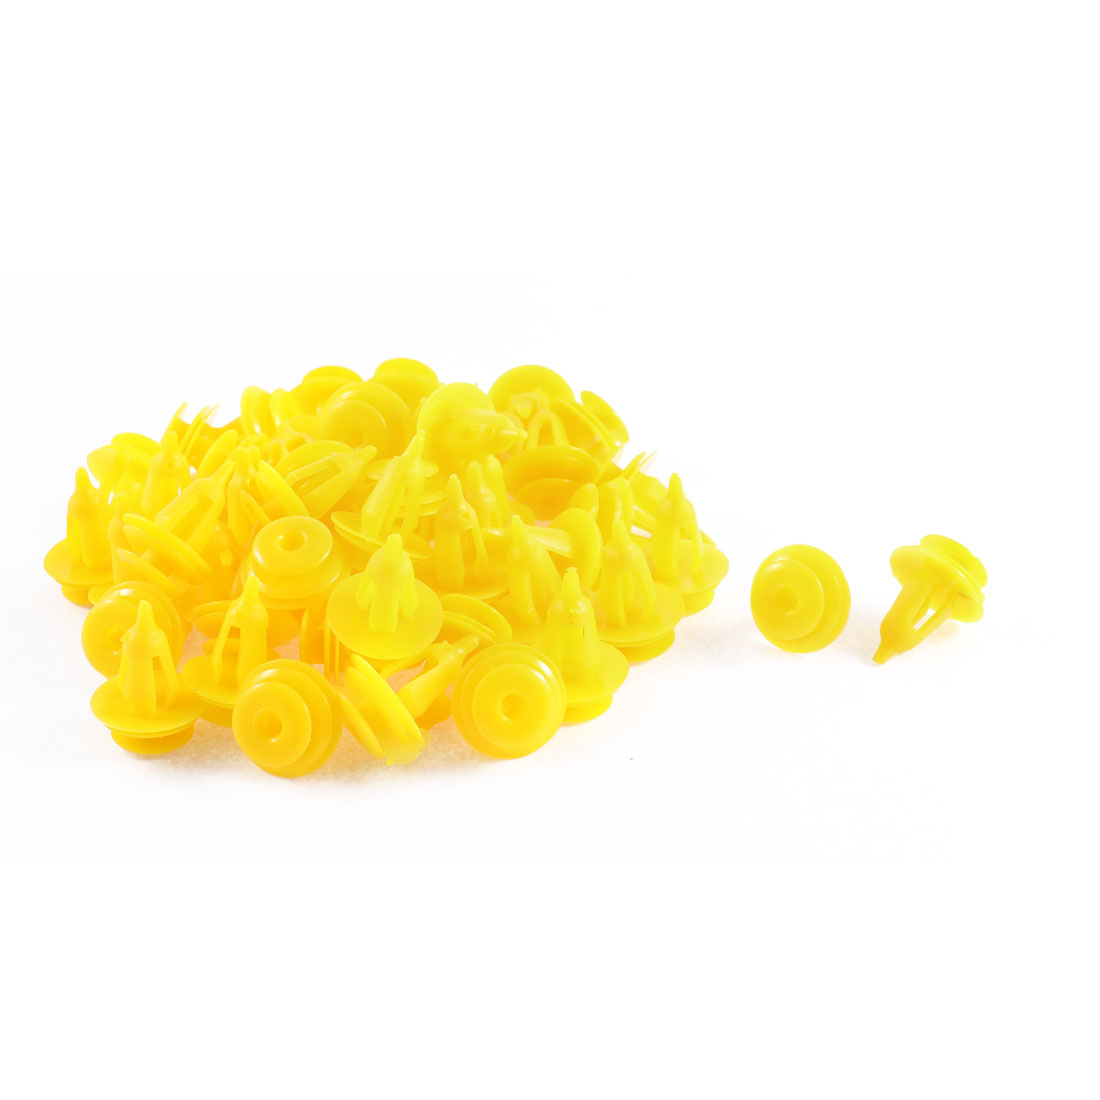 52 Pcs Lemon Yellow Door Card Plastic Rivet Fastener 9 x 18 x 17mm for Pickup